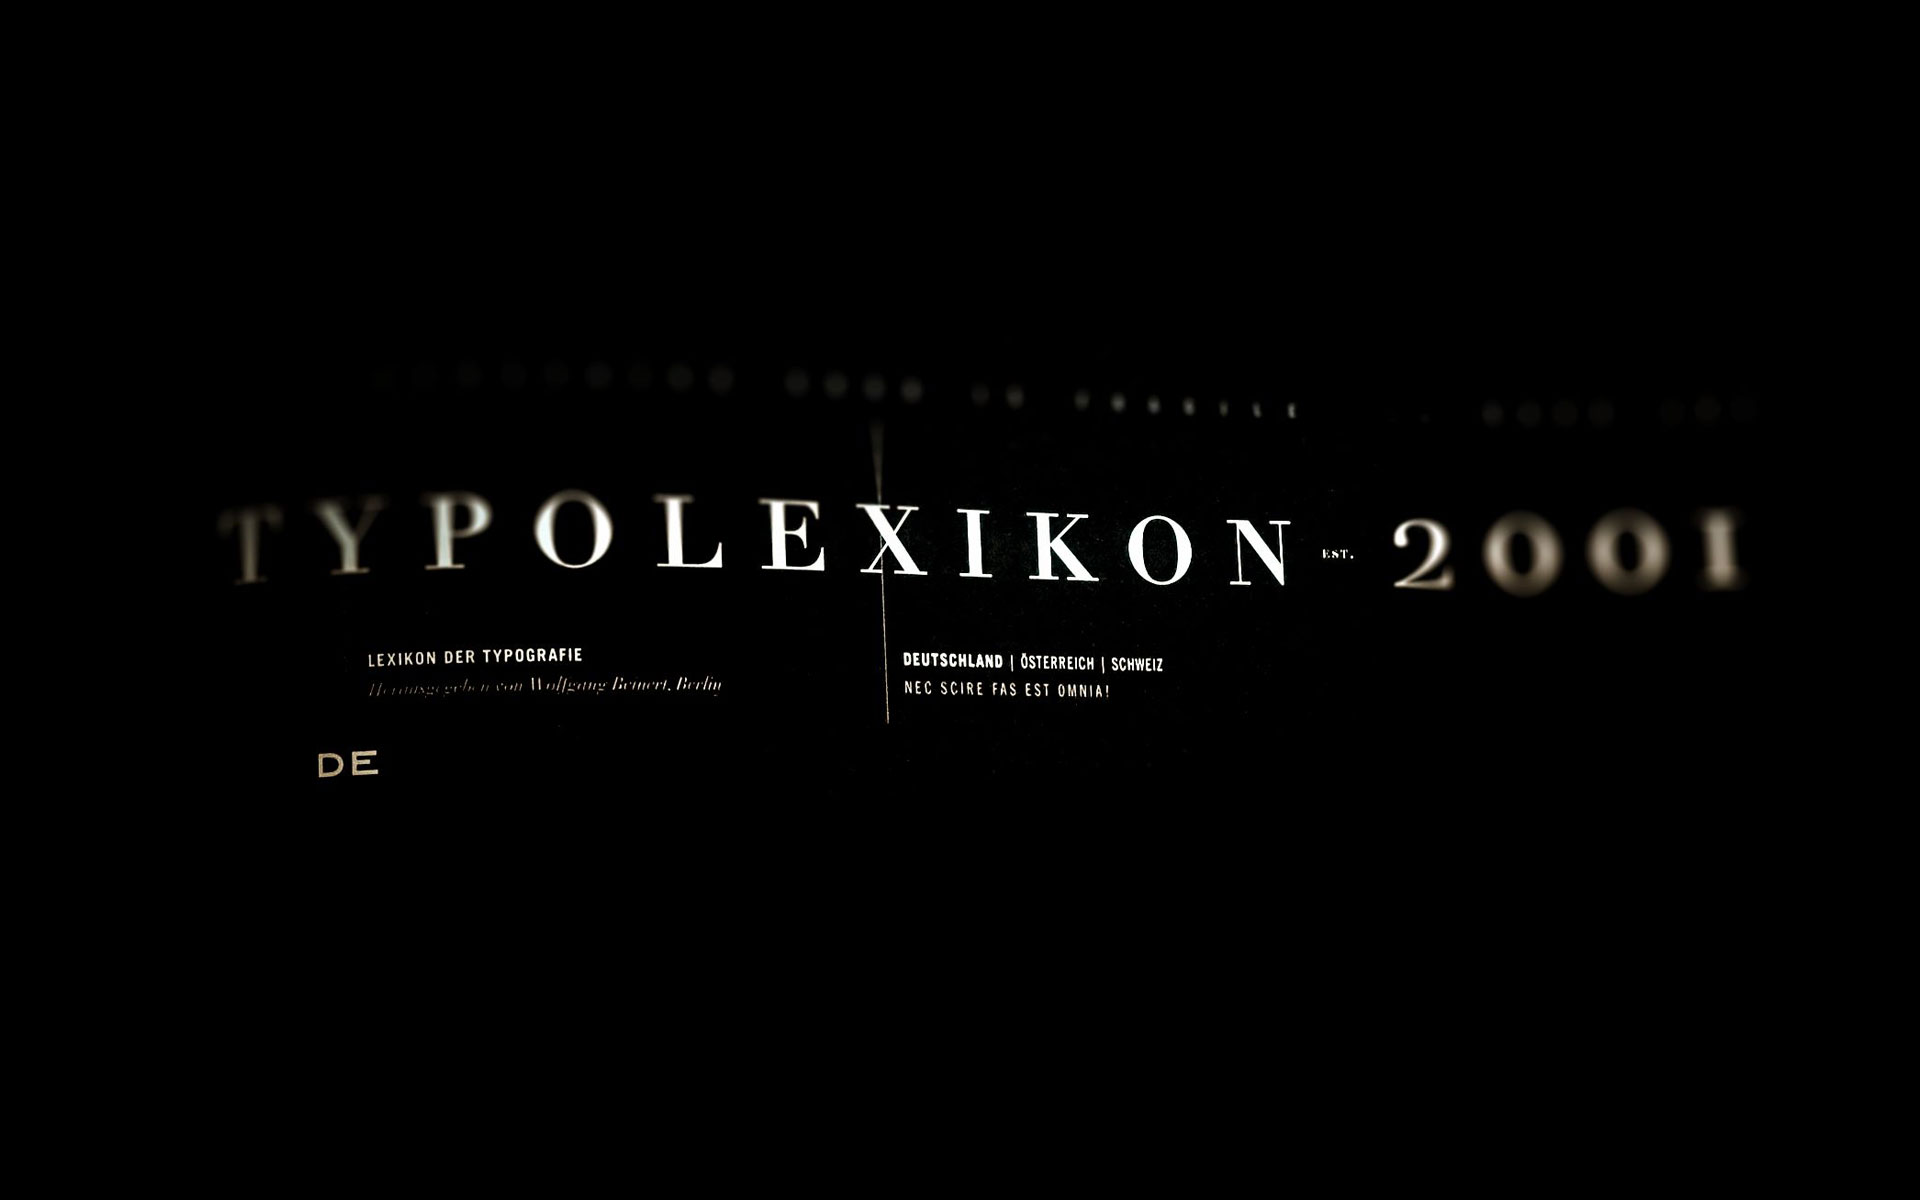 Typolexikon.de | Das Lexikon der Typografie